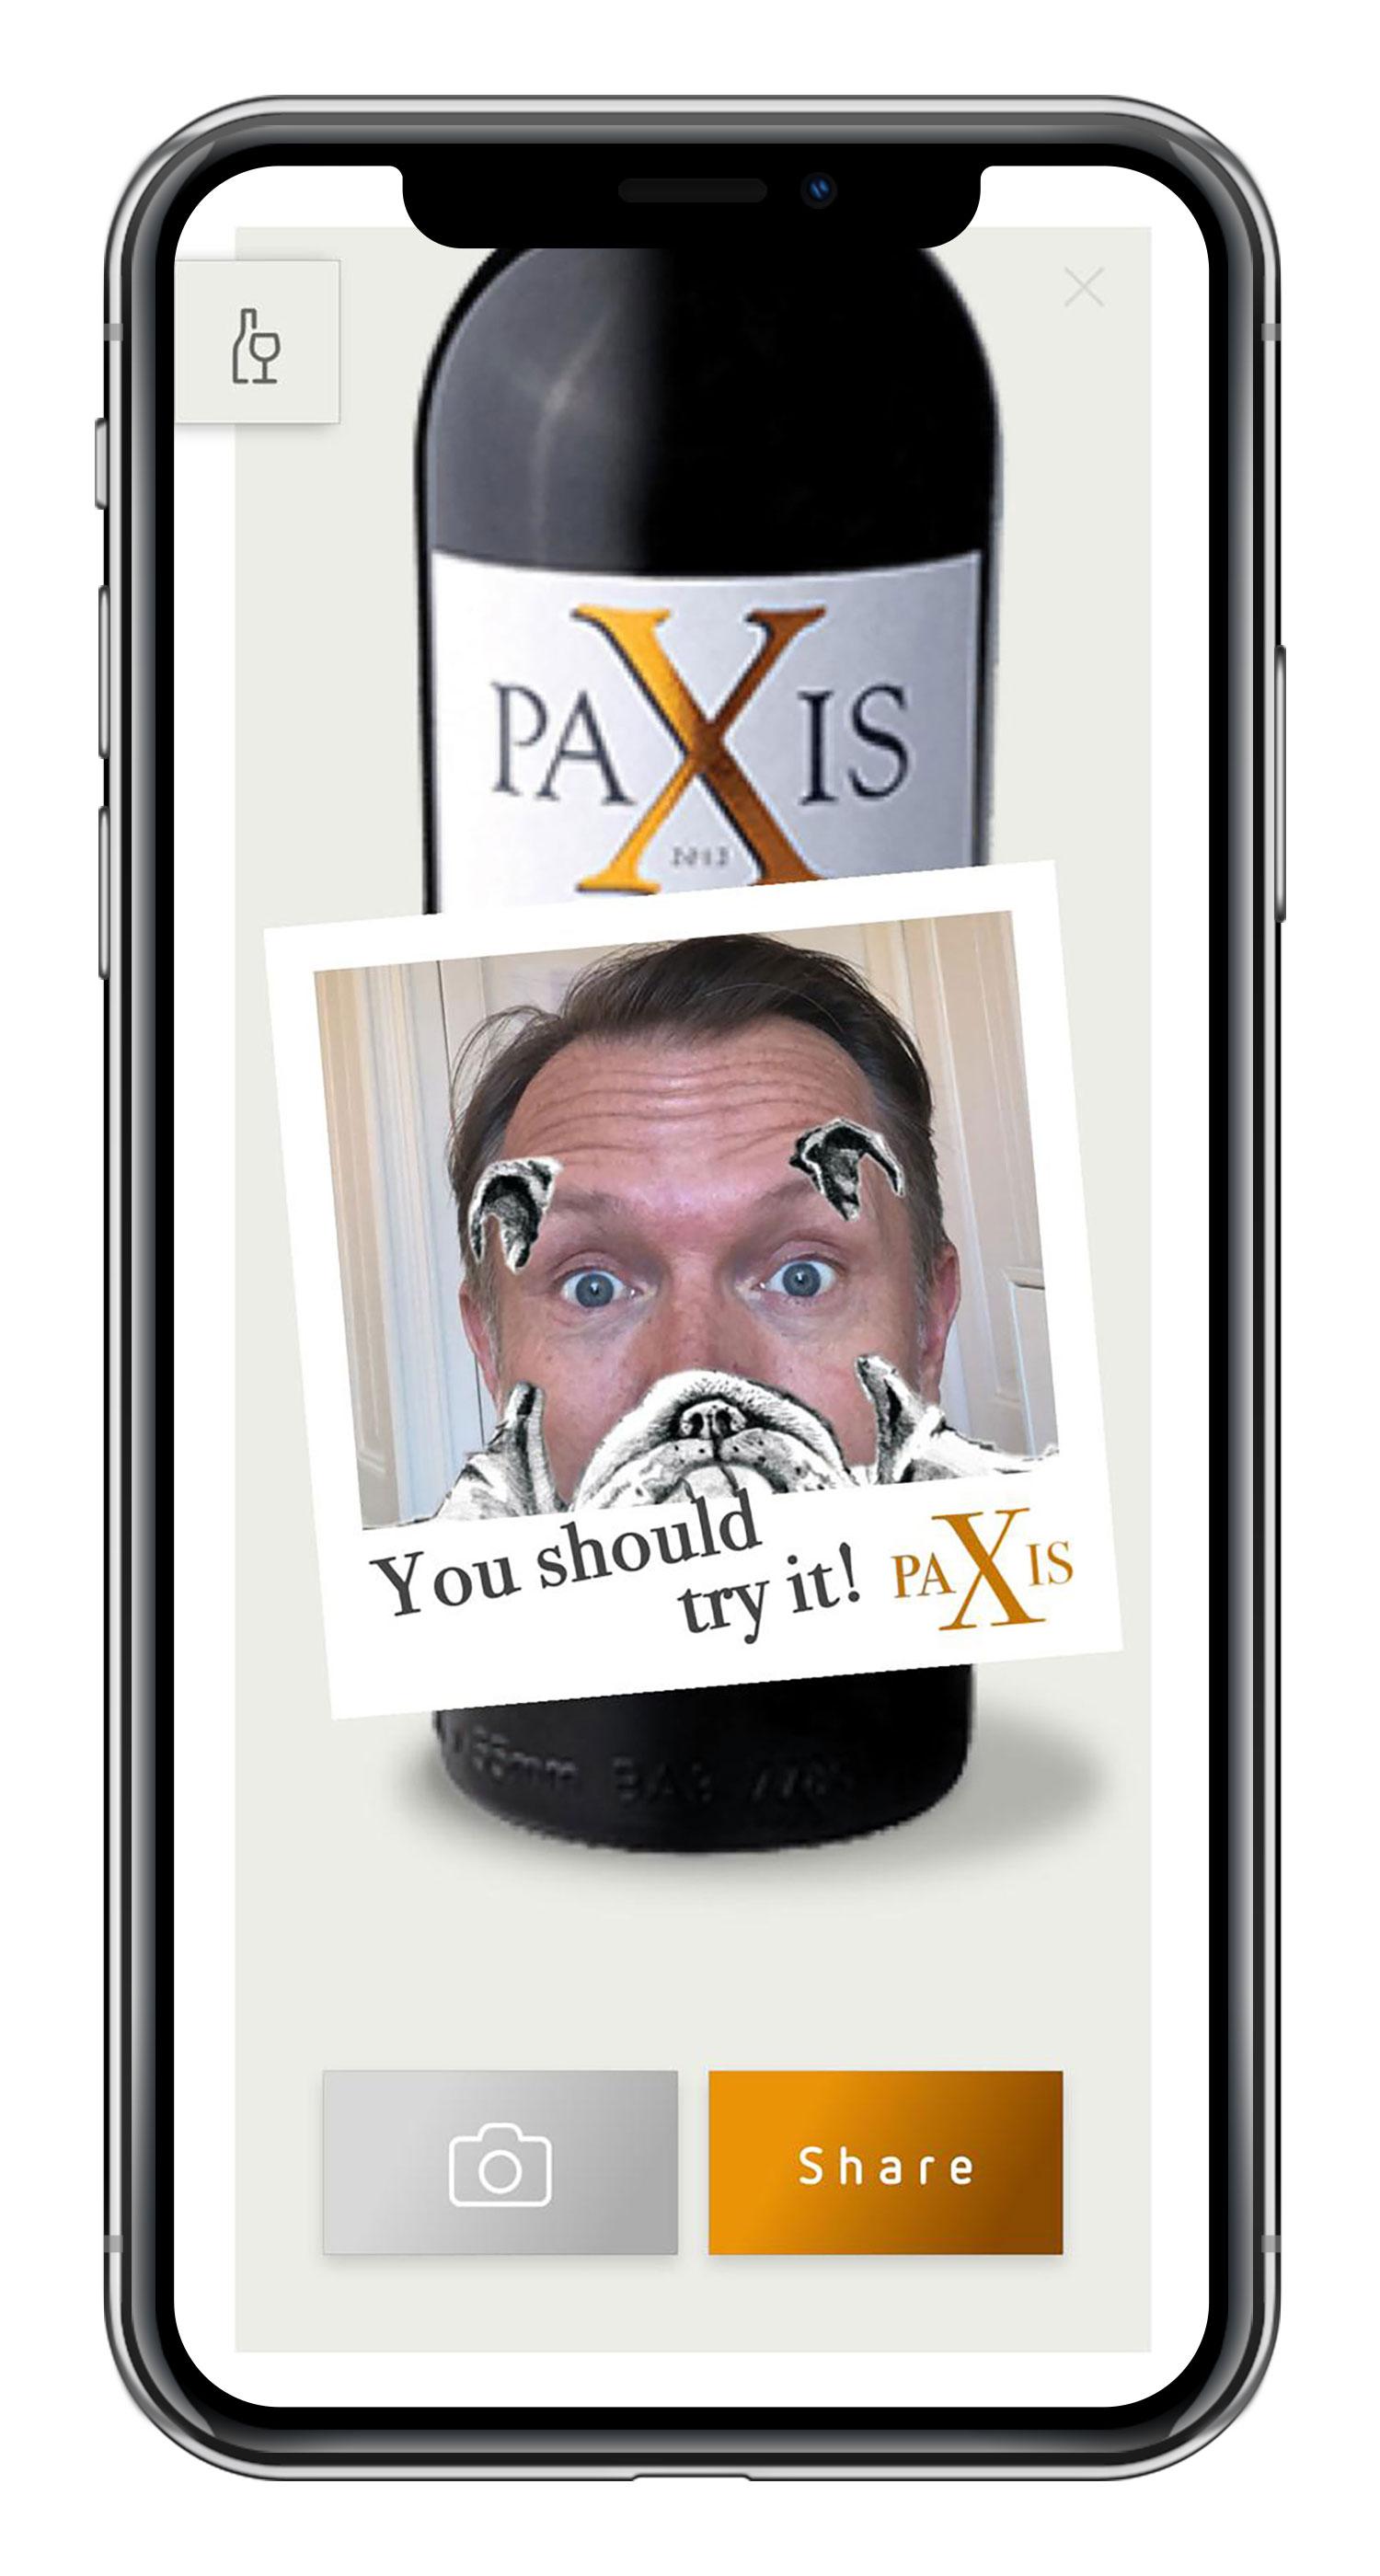 paxis_03.jpg